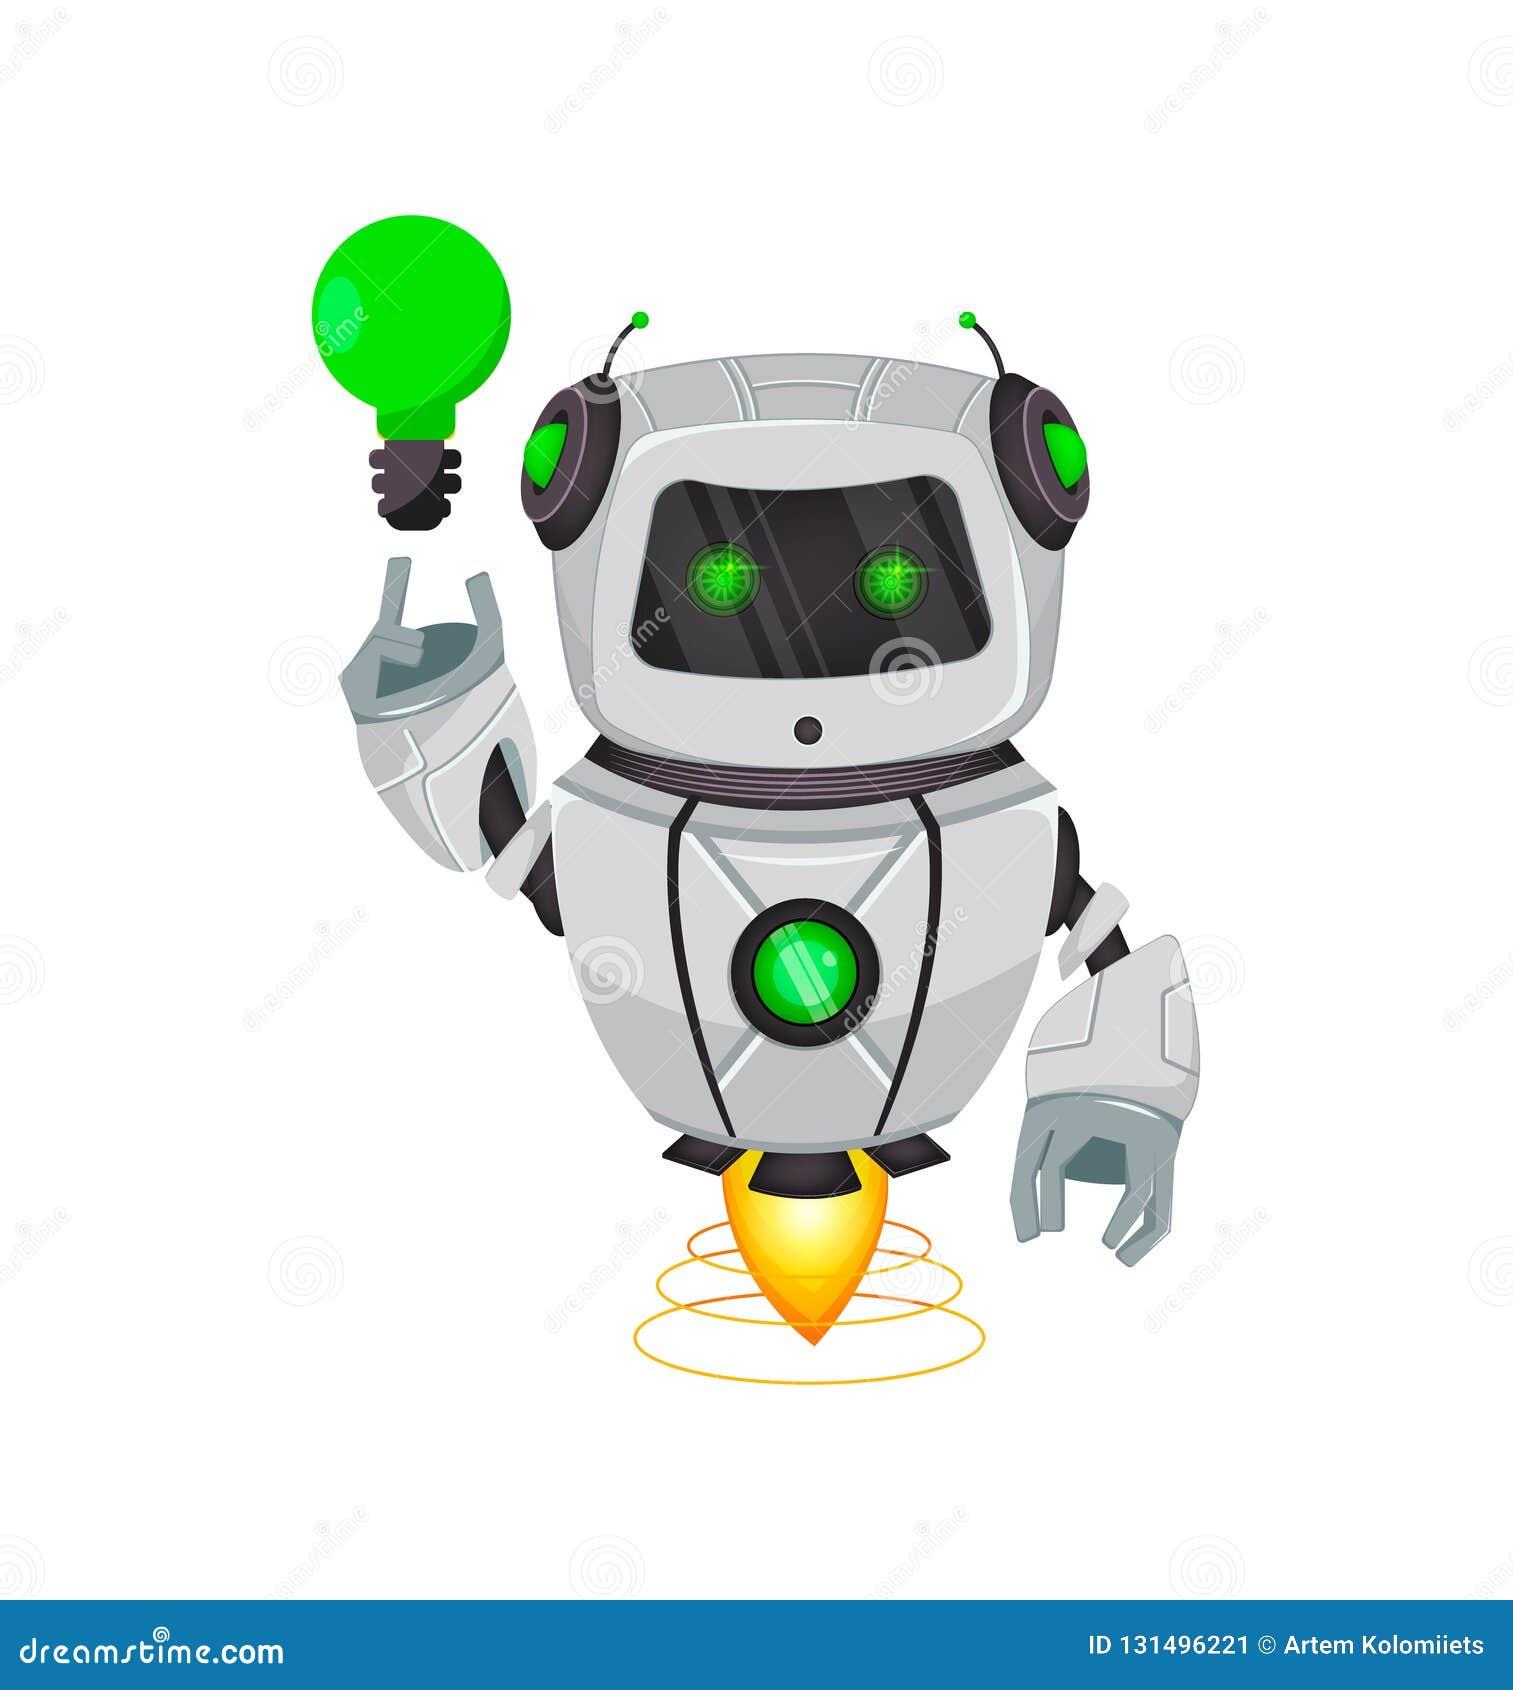 Robot con inteligencia artificial, bot Personaje de dibujos animados divertido que tiene una buena idea Organismo cibernético del